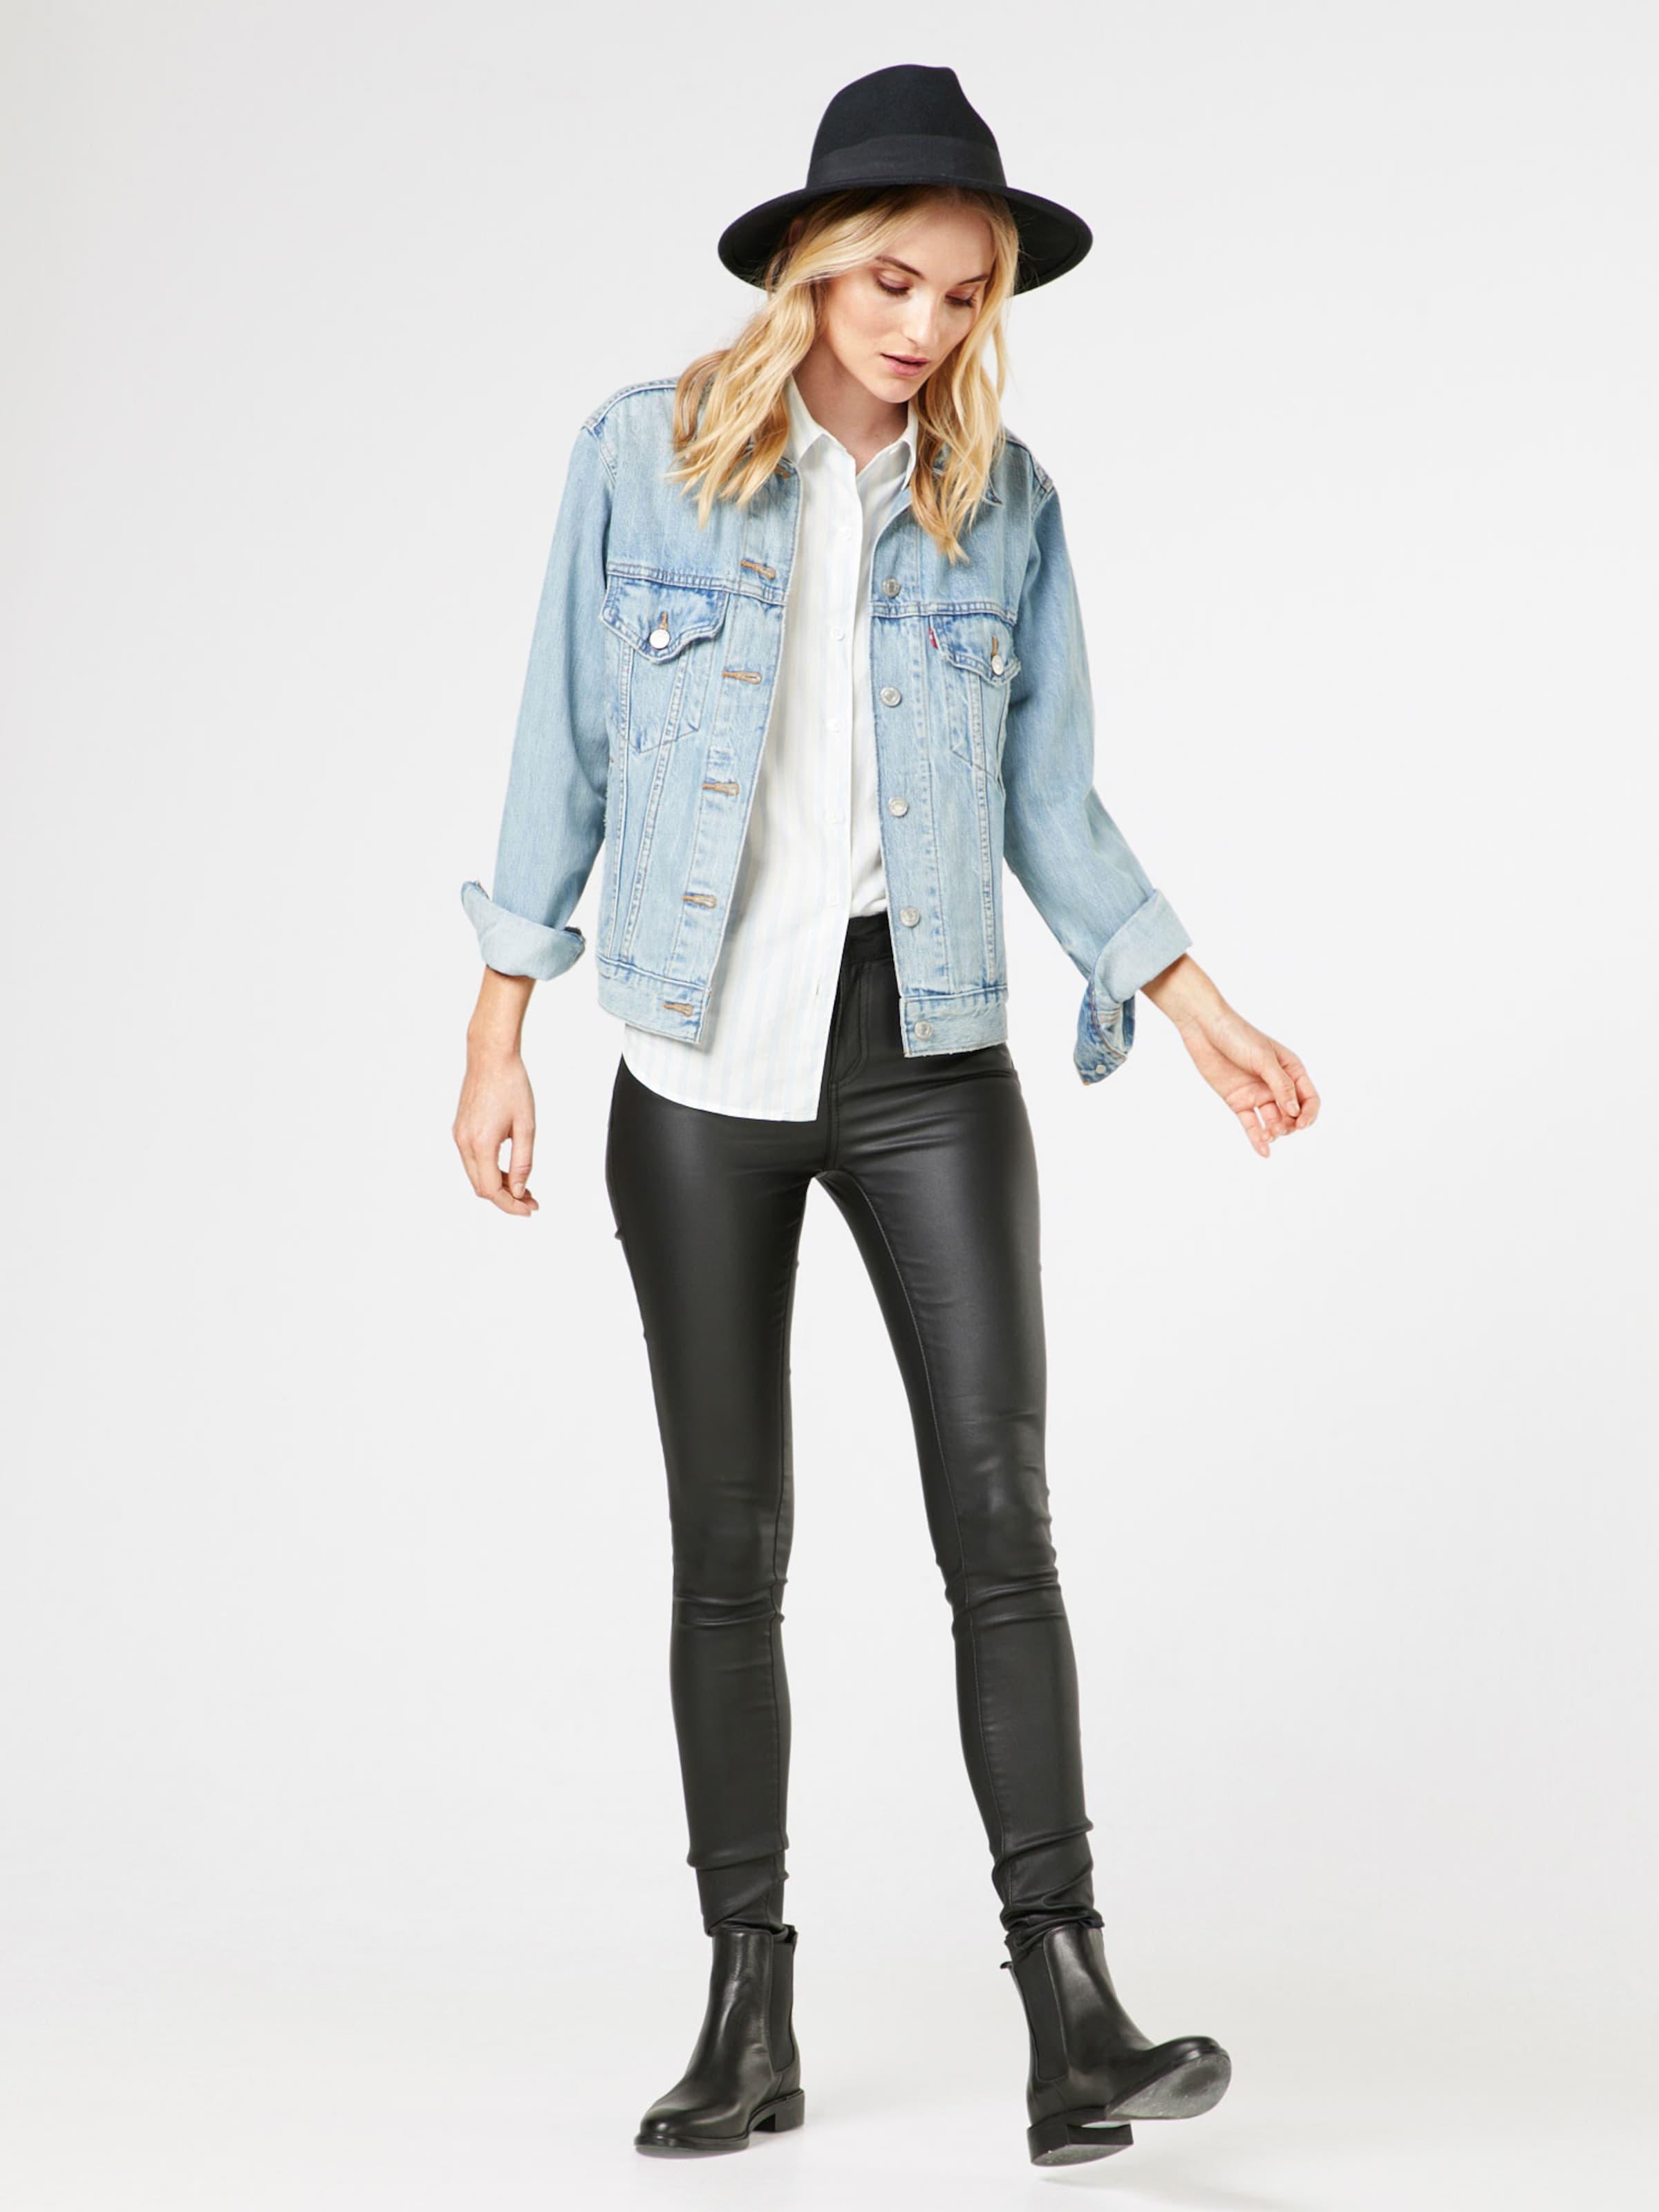 Skinny VILA Skinny VILA 'Vicommit' Skinny Jeans Jeans Jeans Jeans Skinny VILA 'Vicommit' VILA 'Vicommit' 'Vicommit' wx5BaqC